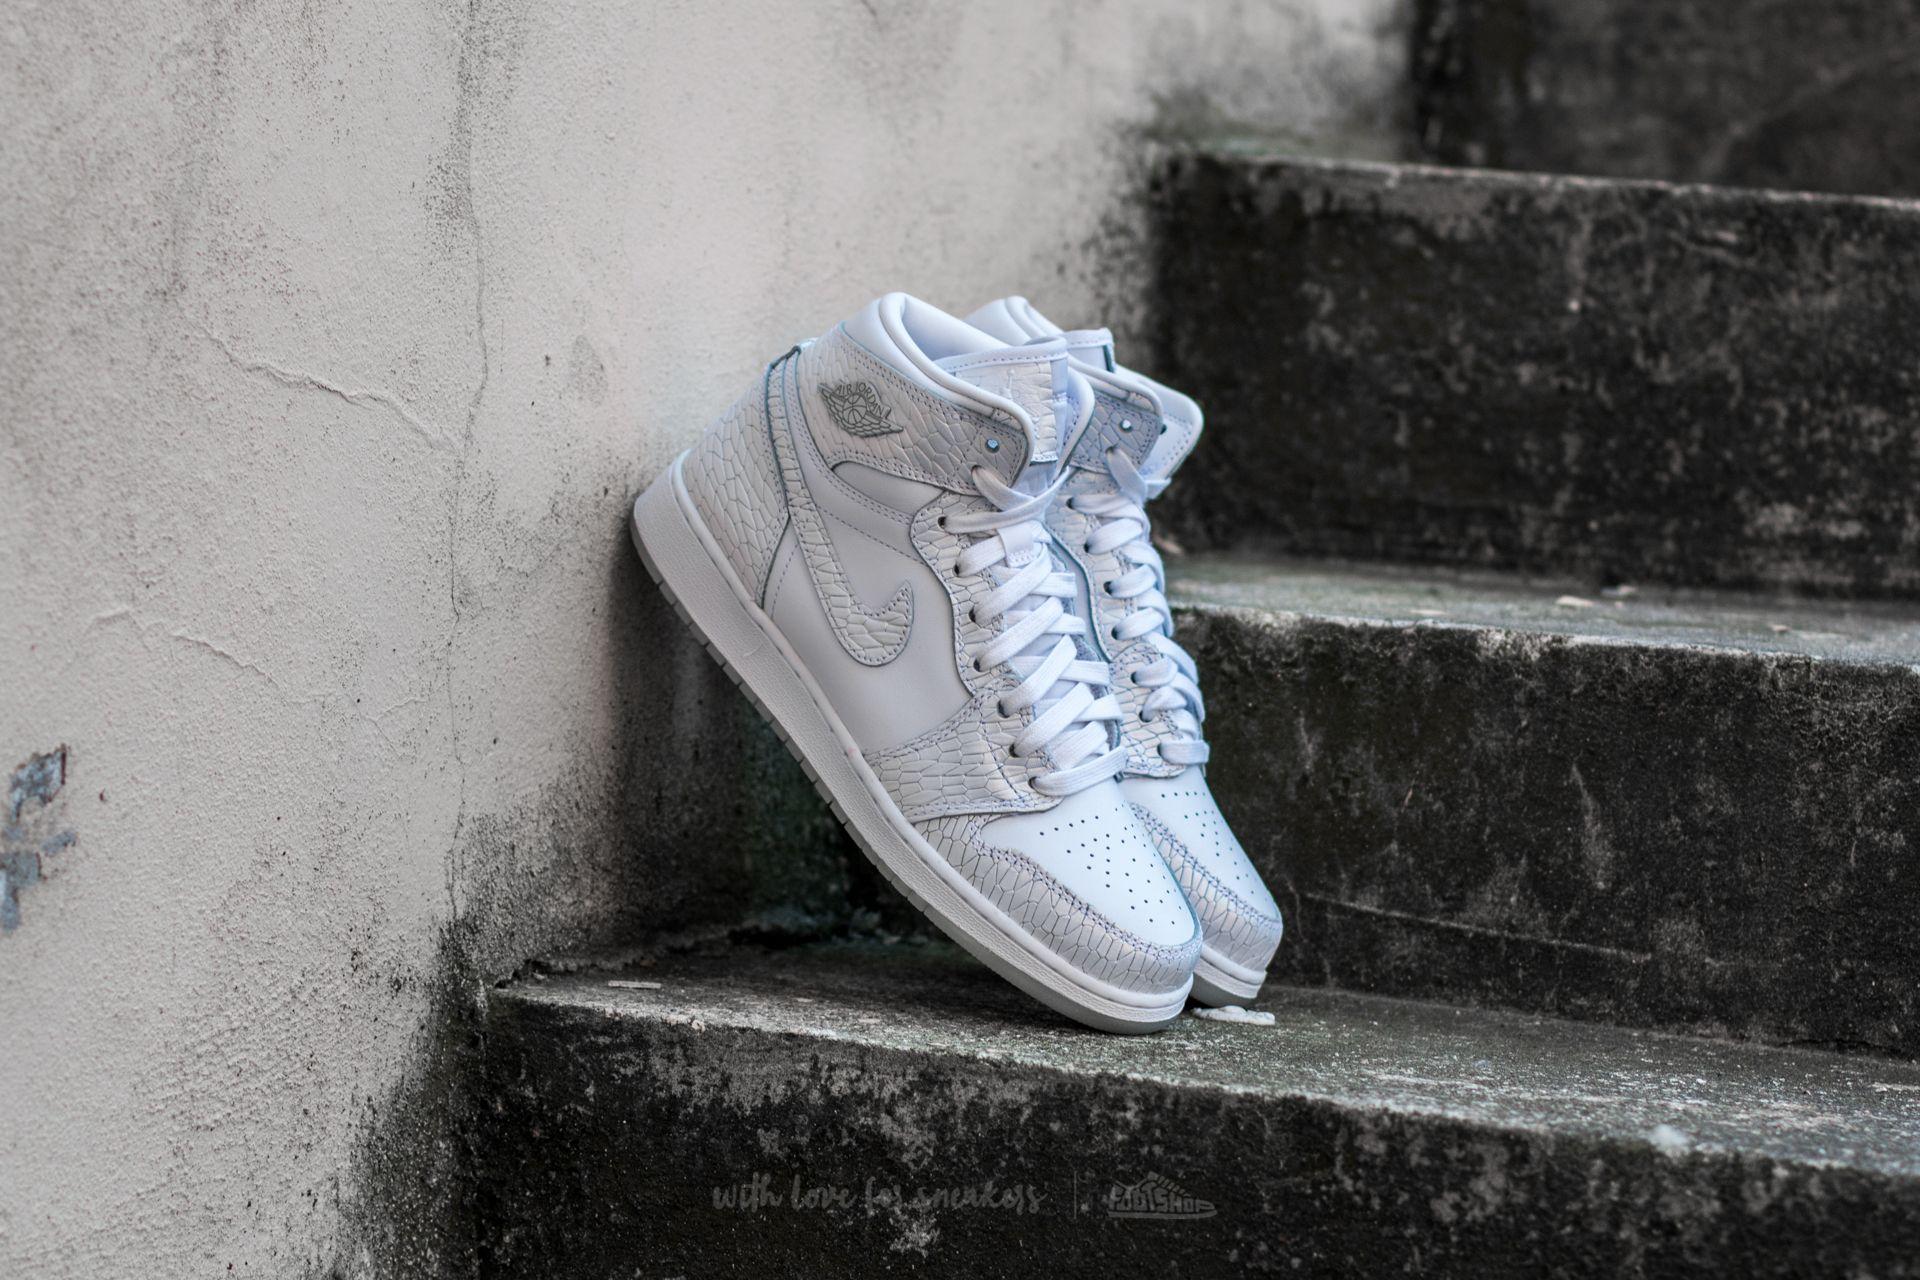 Air Jordan 1 Retro Hi Premium HC GG White/ White-Pure Platinum